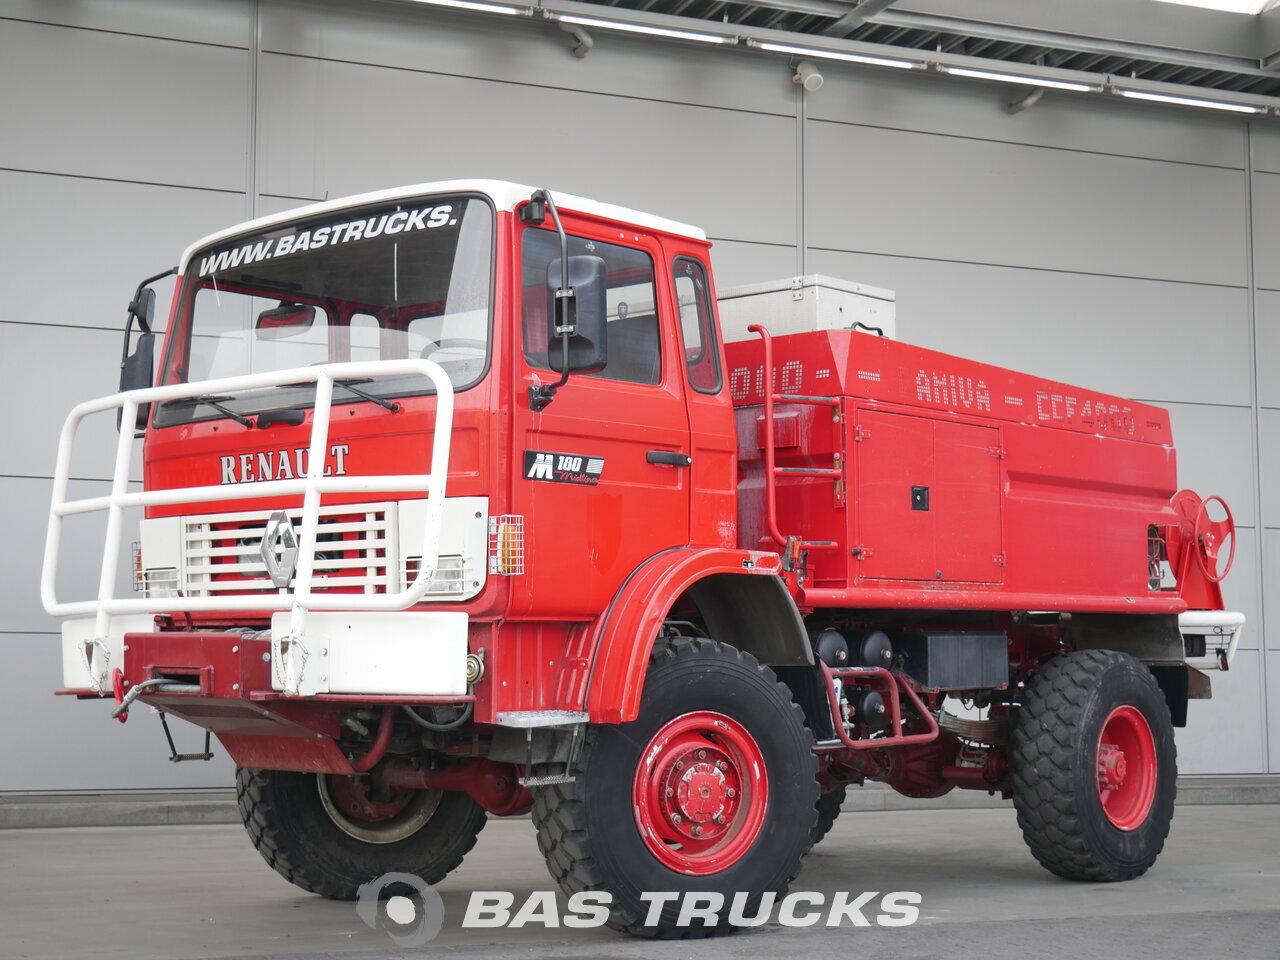 For sale at BAS Trucks: Renault Midliner M 180 11 4X4 06/1995